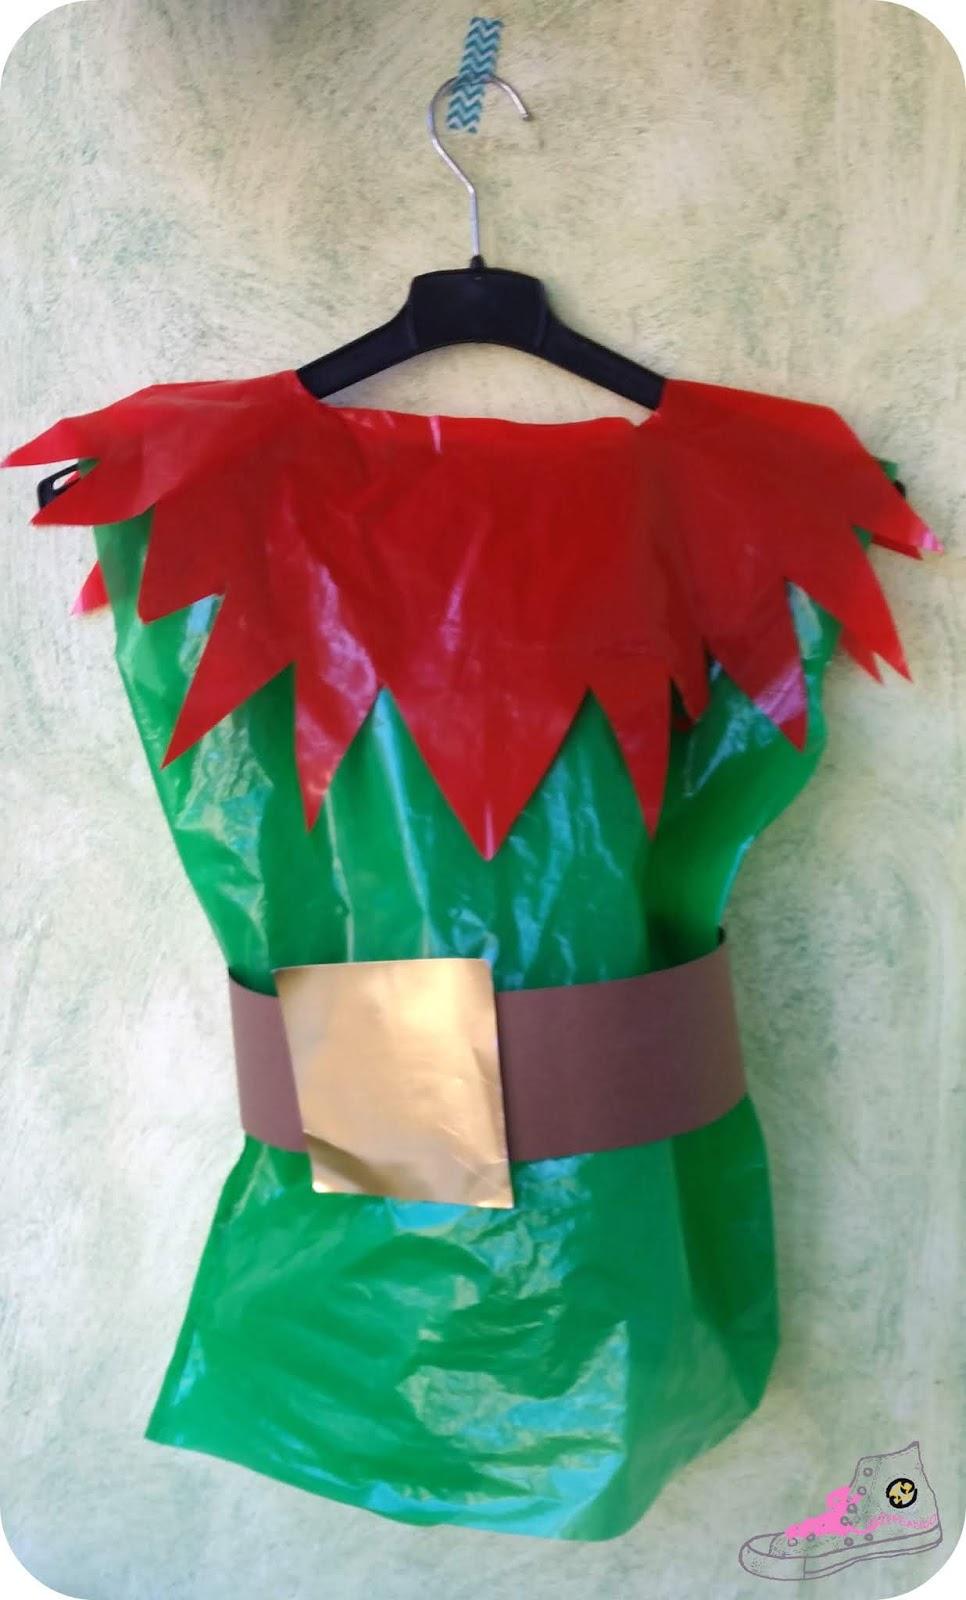 Disfraz diy con bolsas de basura de enanito del bosque - Traje de duende para nino ...